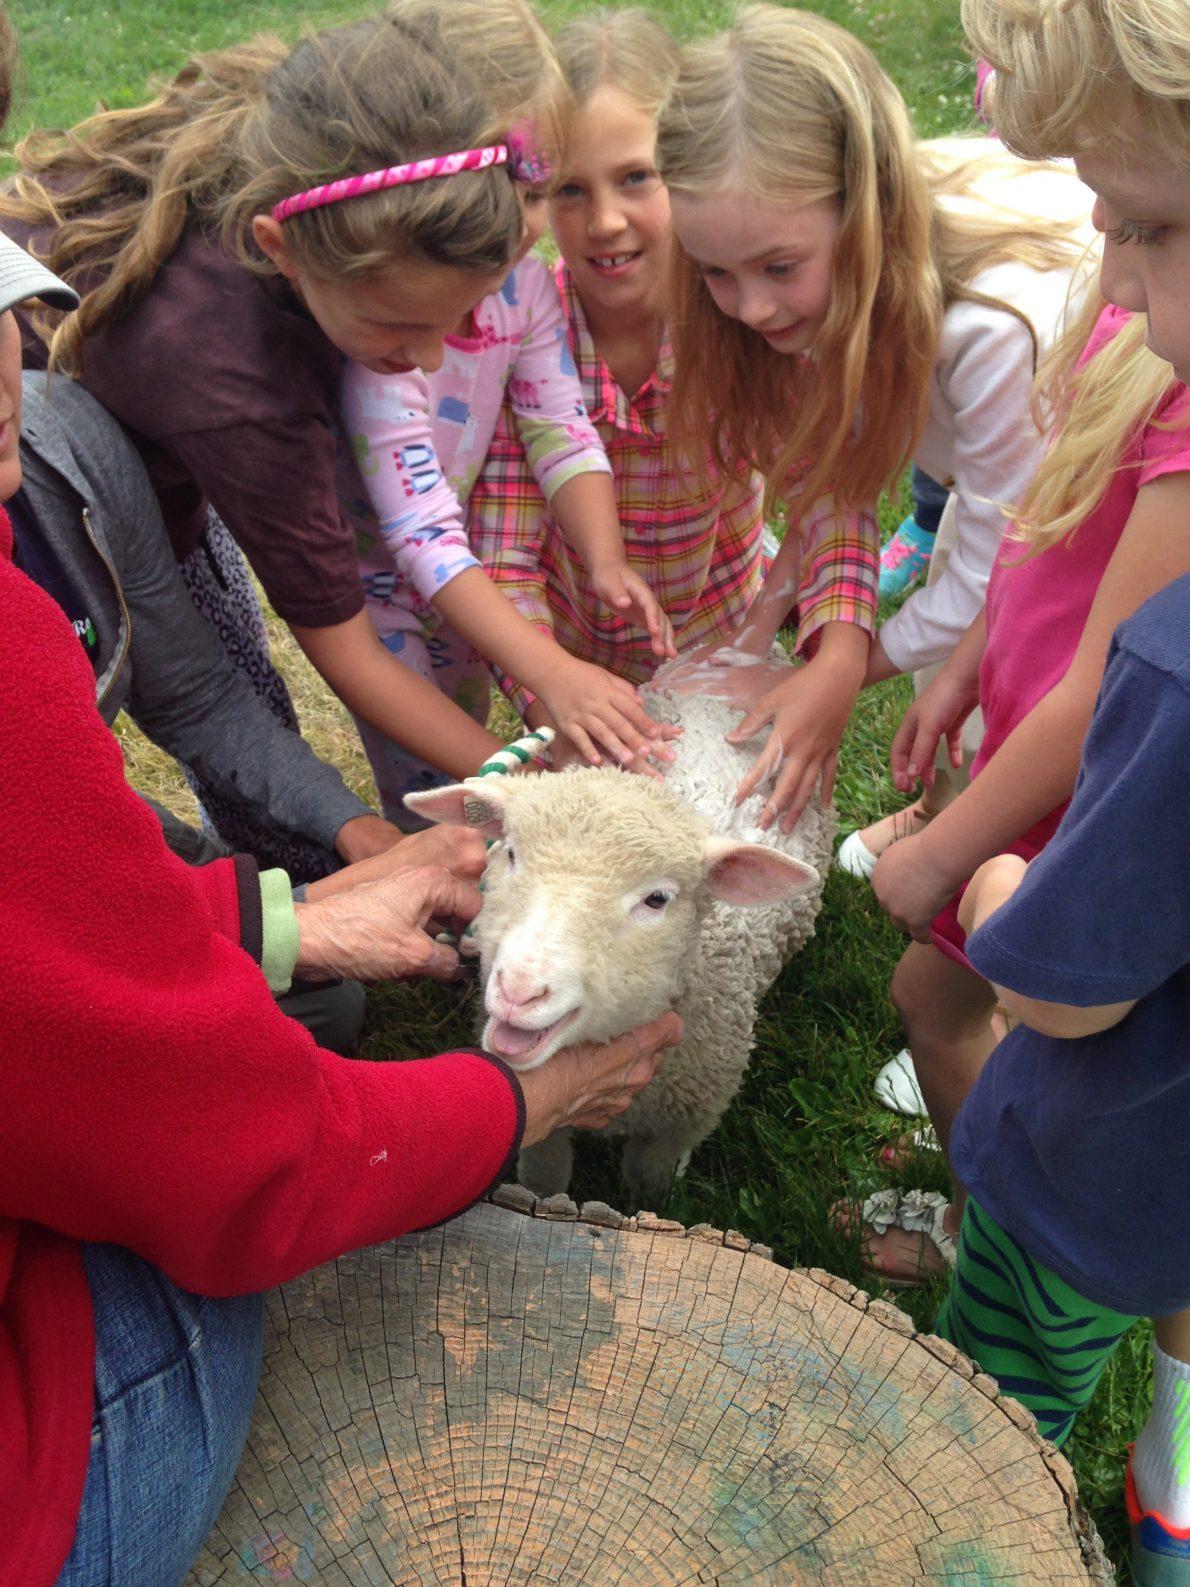 Garden Farm Art Camp Thrills